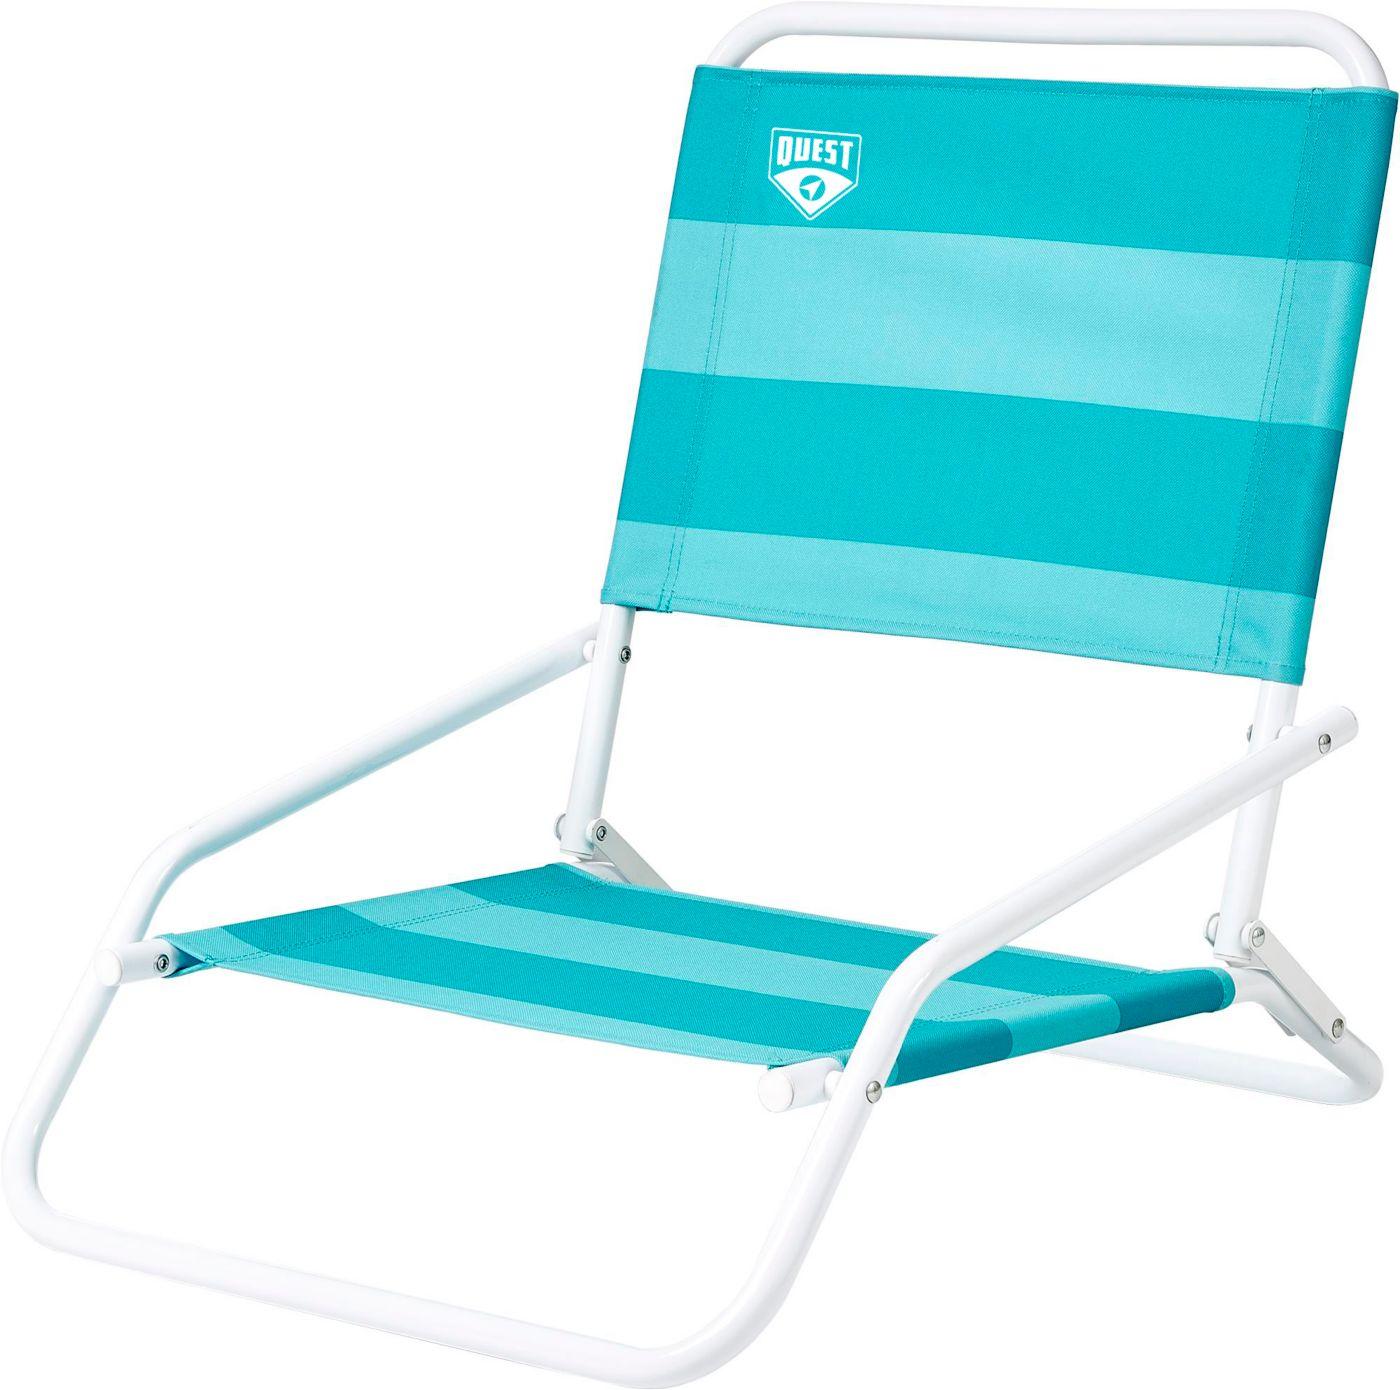 Quest Beach Chair